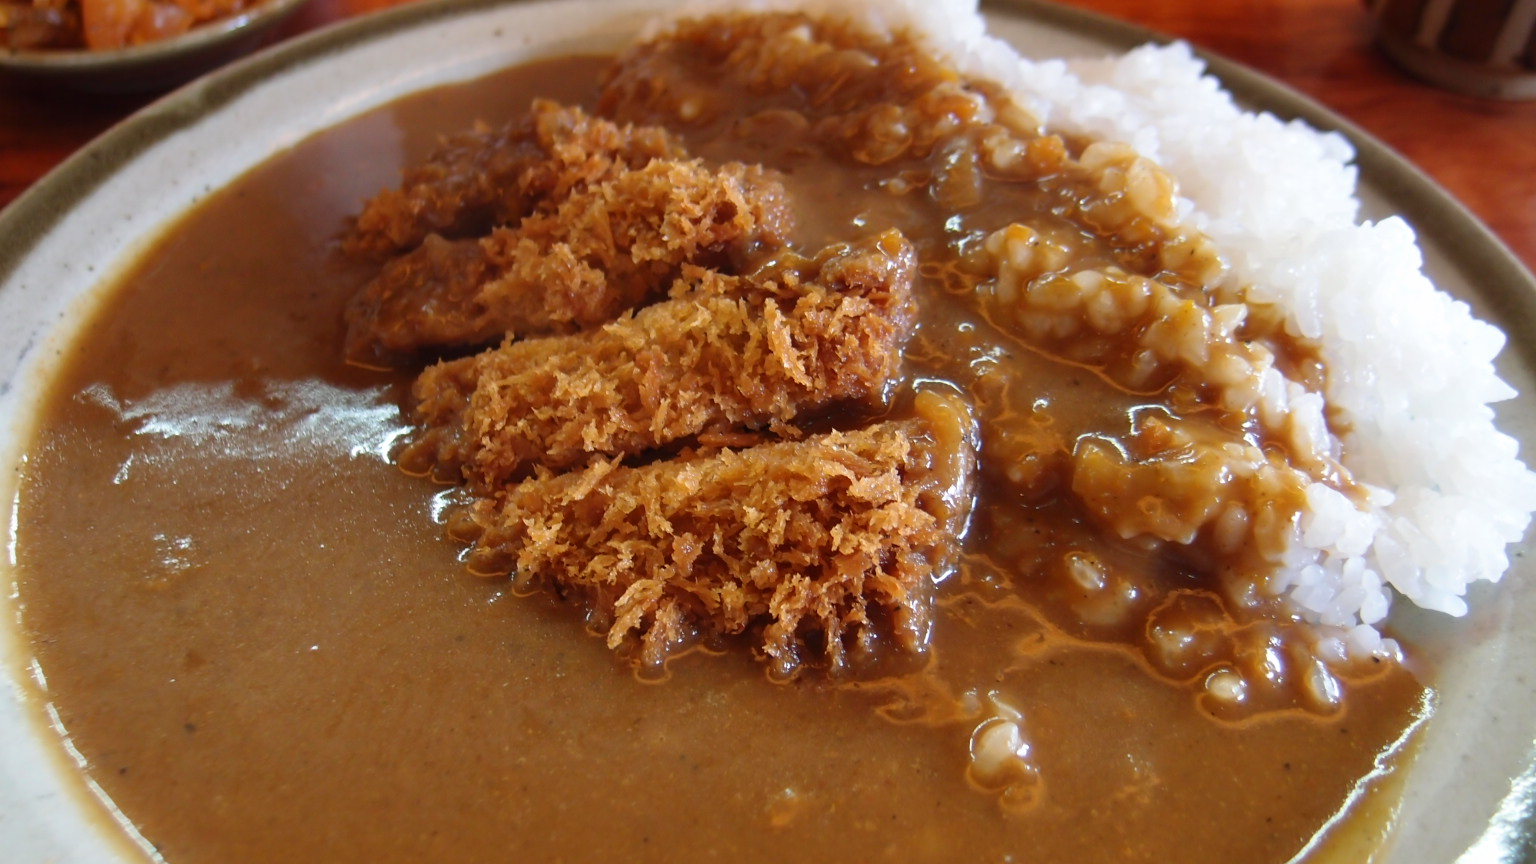 銀座 井泉 カツカレー | メンコロ定食